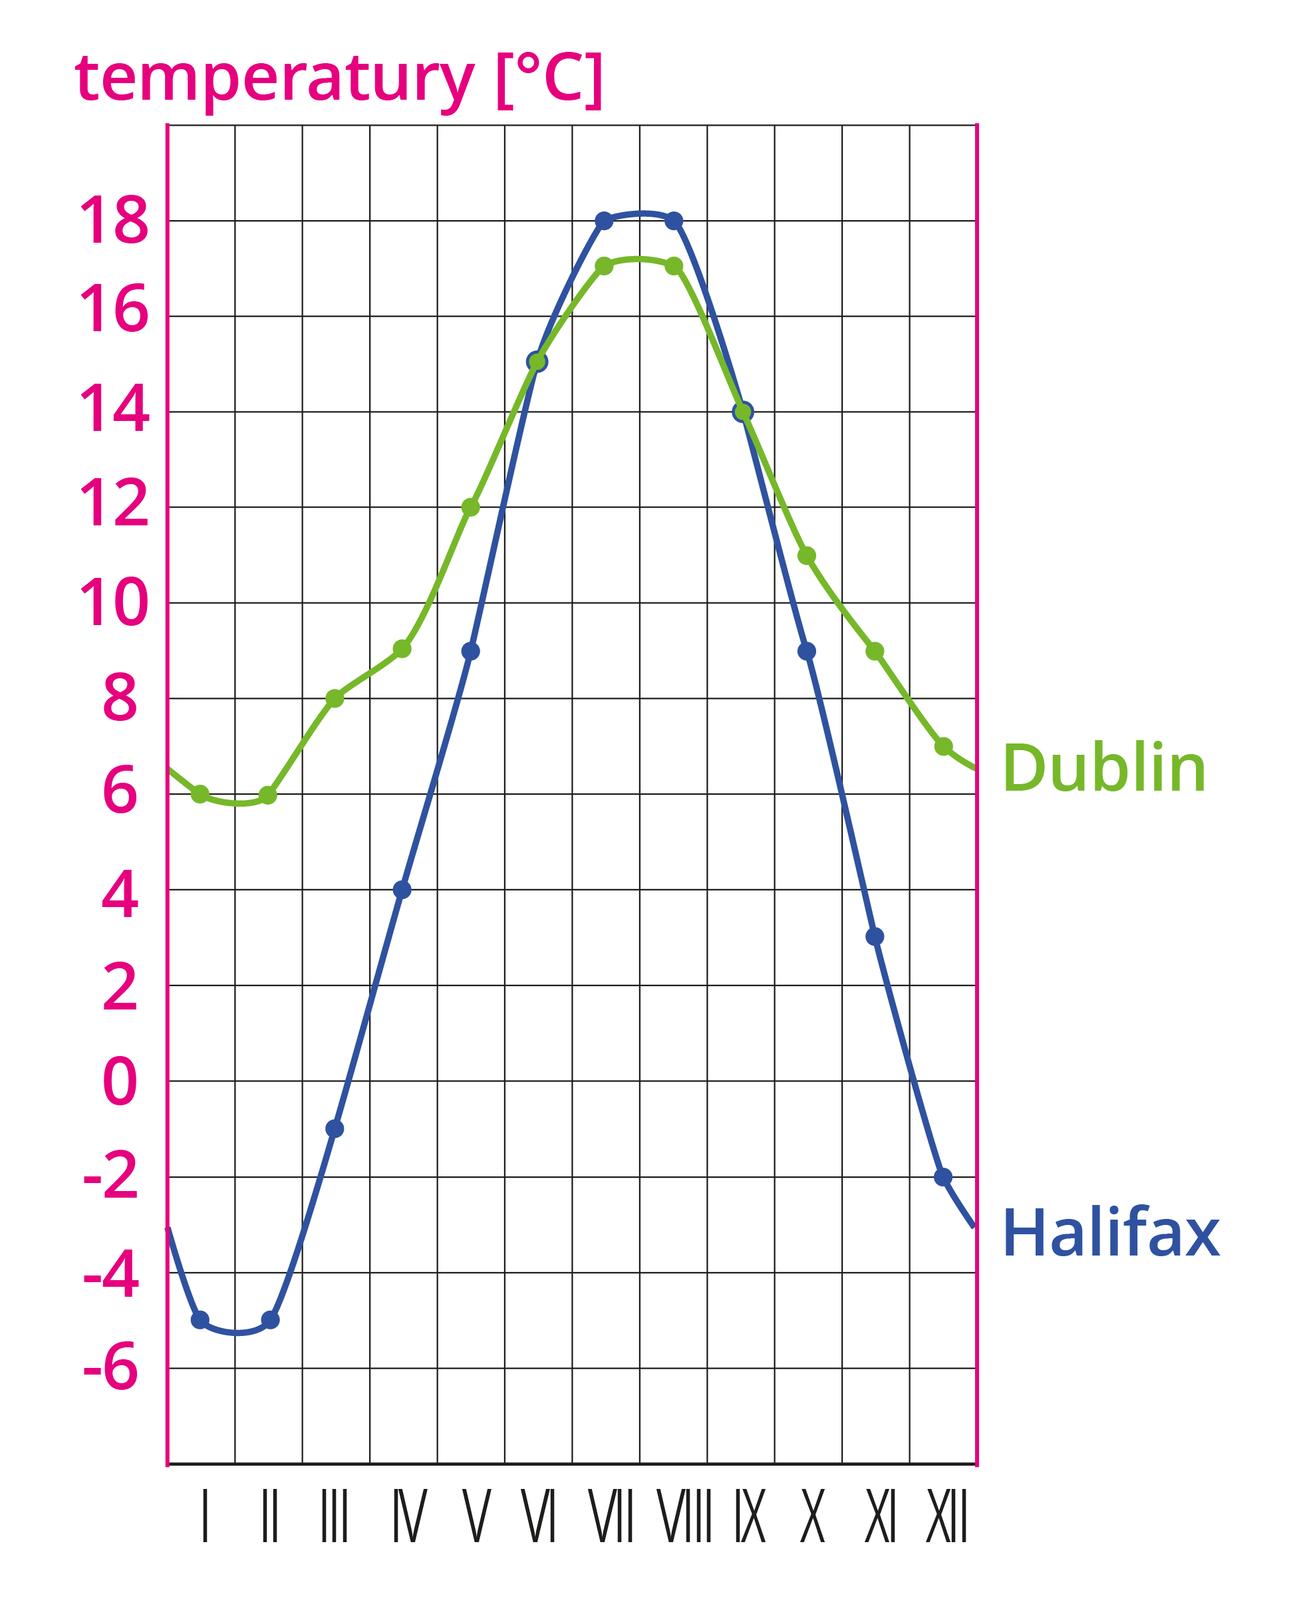 Na ilustracji wykres średnich miesięcznych temperatur wHalifaksie - linia wkolorze niebieskim iDublinie - linia wkolorze zielonym. Na pionowej osi zlewej strony opisana temperatura wstopniach Celsjusza, na poziomej osi opisano miesiące. Linia wkolorze niebieskim wskazuje wartości od minus pięć przez osiemnaście do minus dwa. Linia wkolorze zielonym wskazuje wartości od sześć przez siedemnaście do siedem.